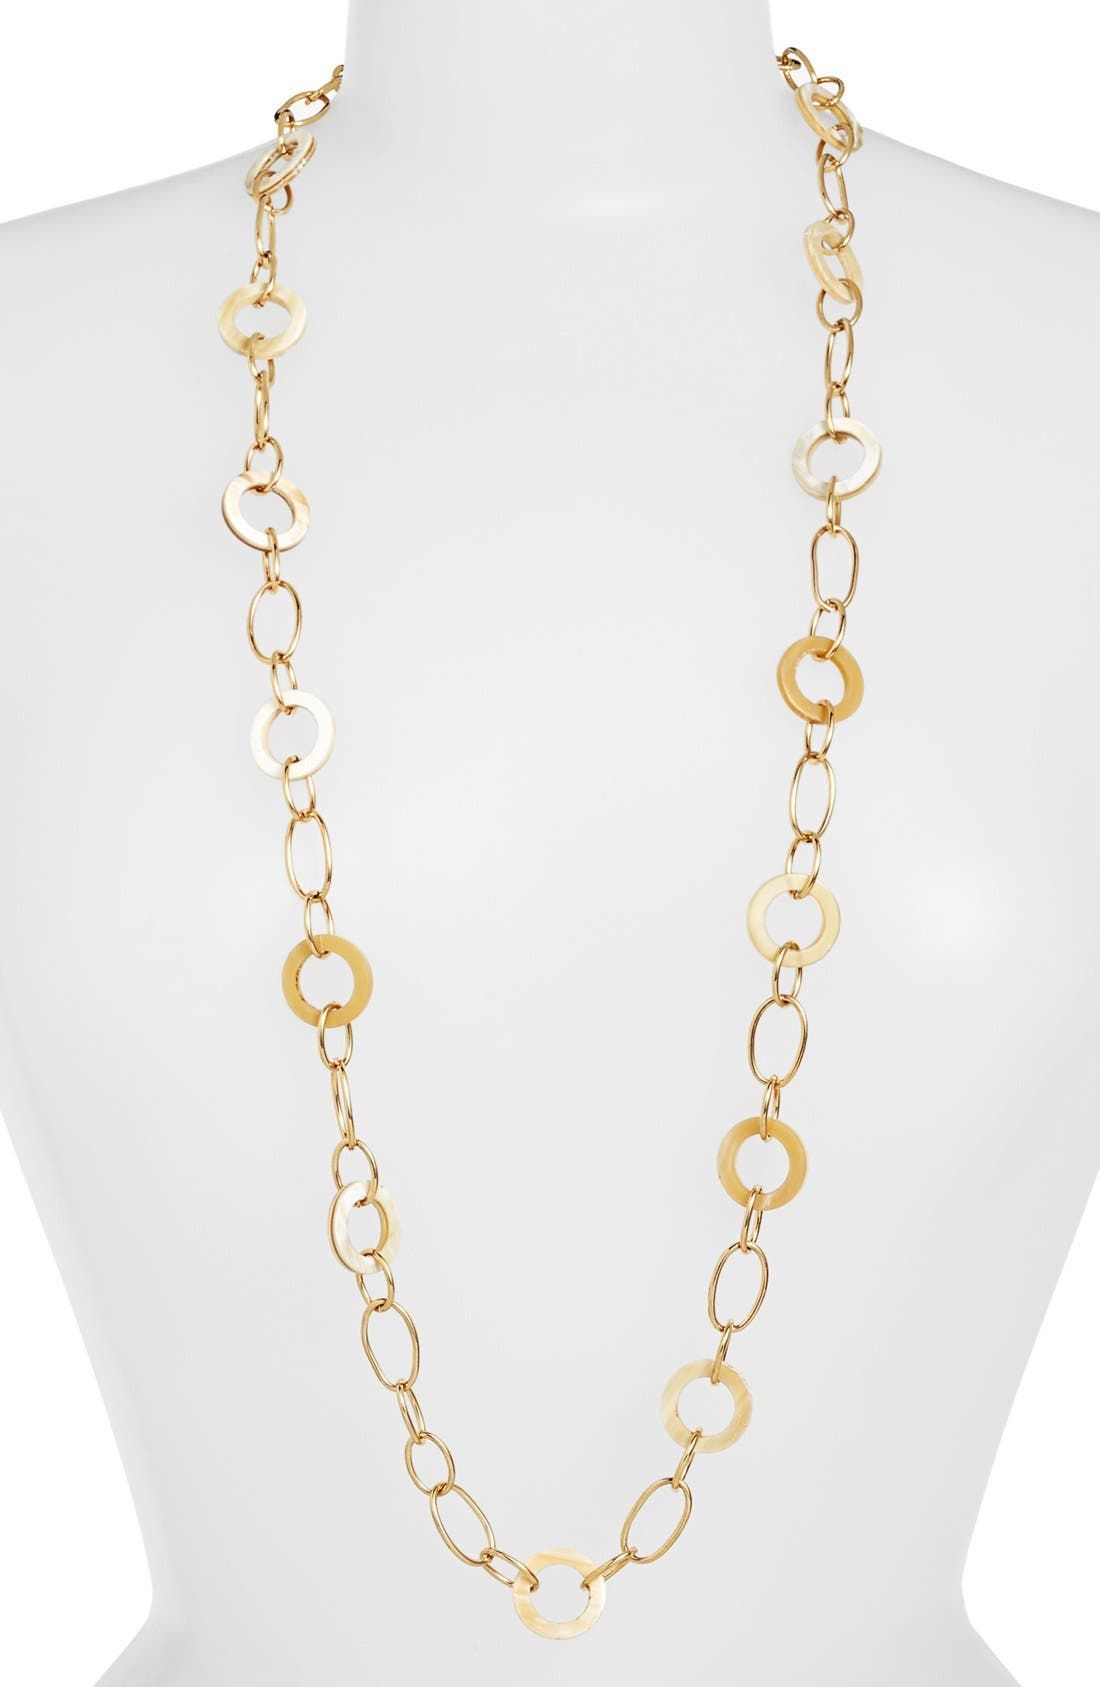 Alternate Image 1 Selected - Lauren Ralph Lauren Horn & Chain Link Necklace